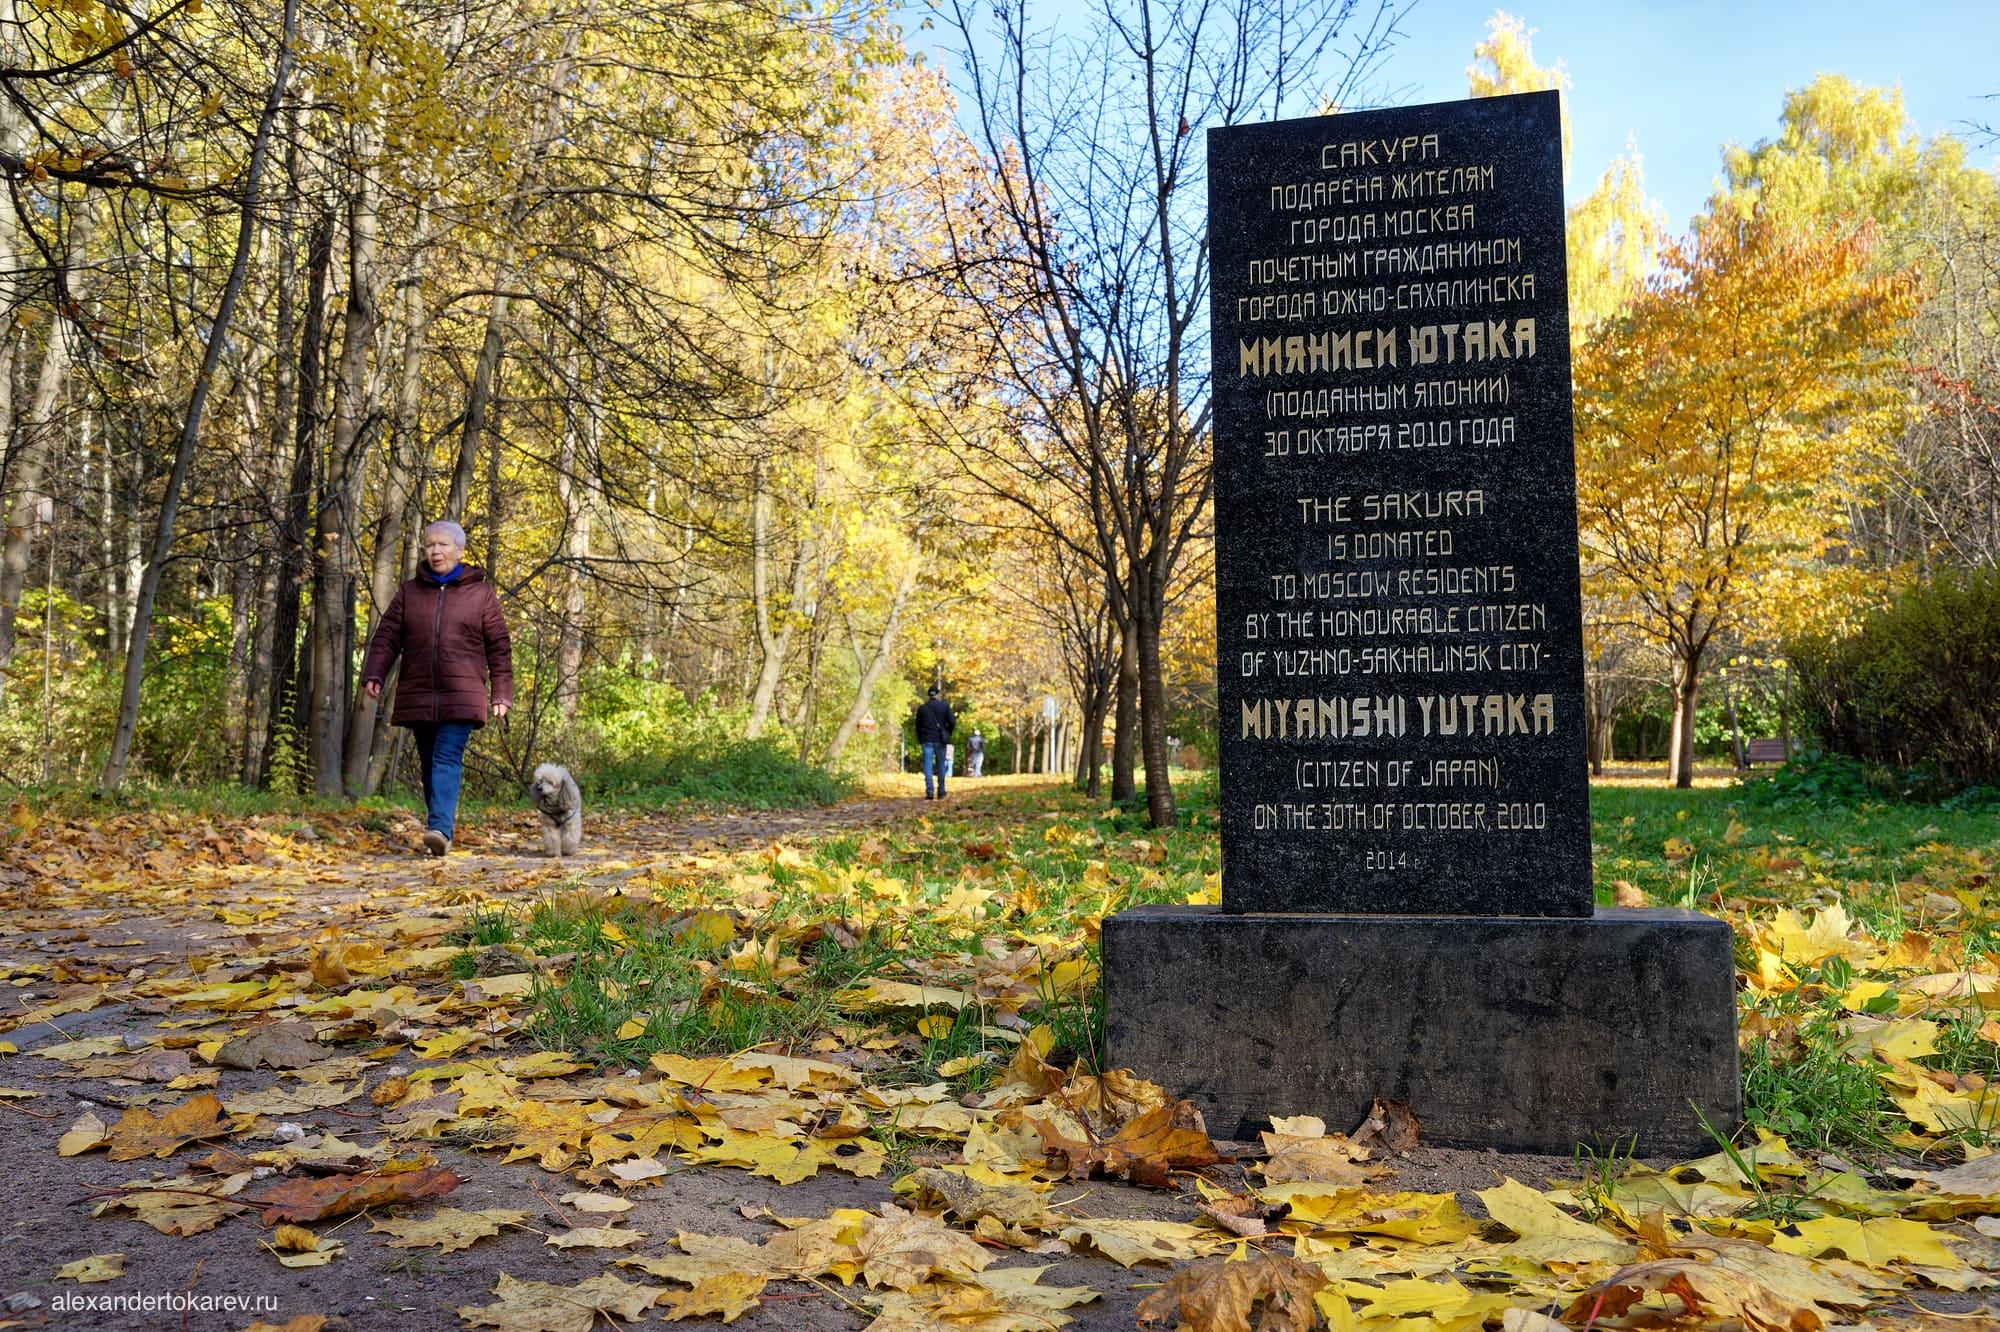 Монумент на входе в Рощу сакуры в Бирюлёвском дендропарке